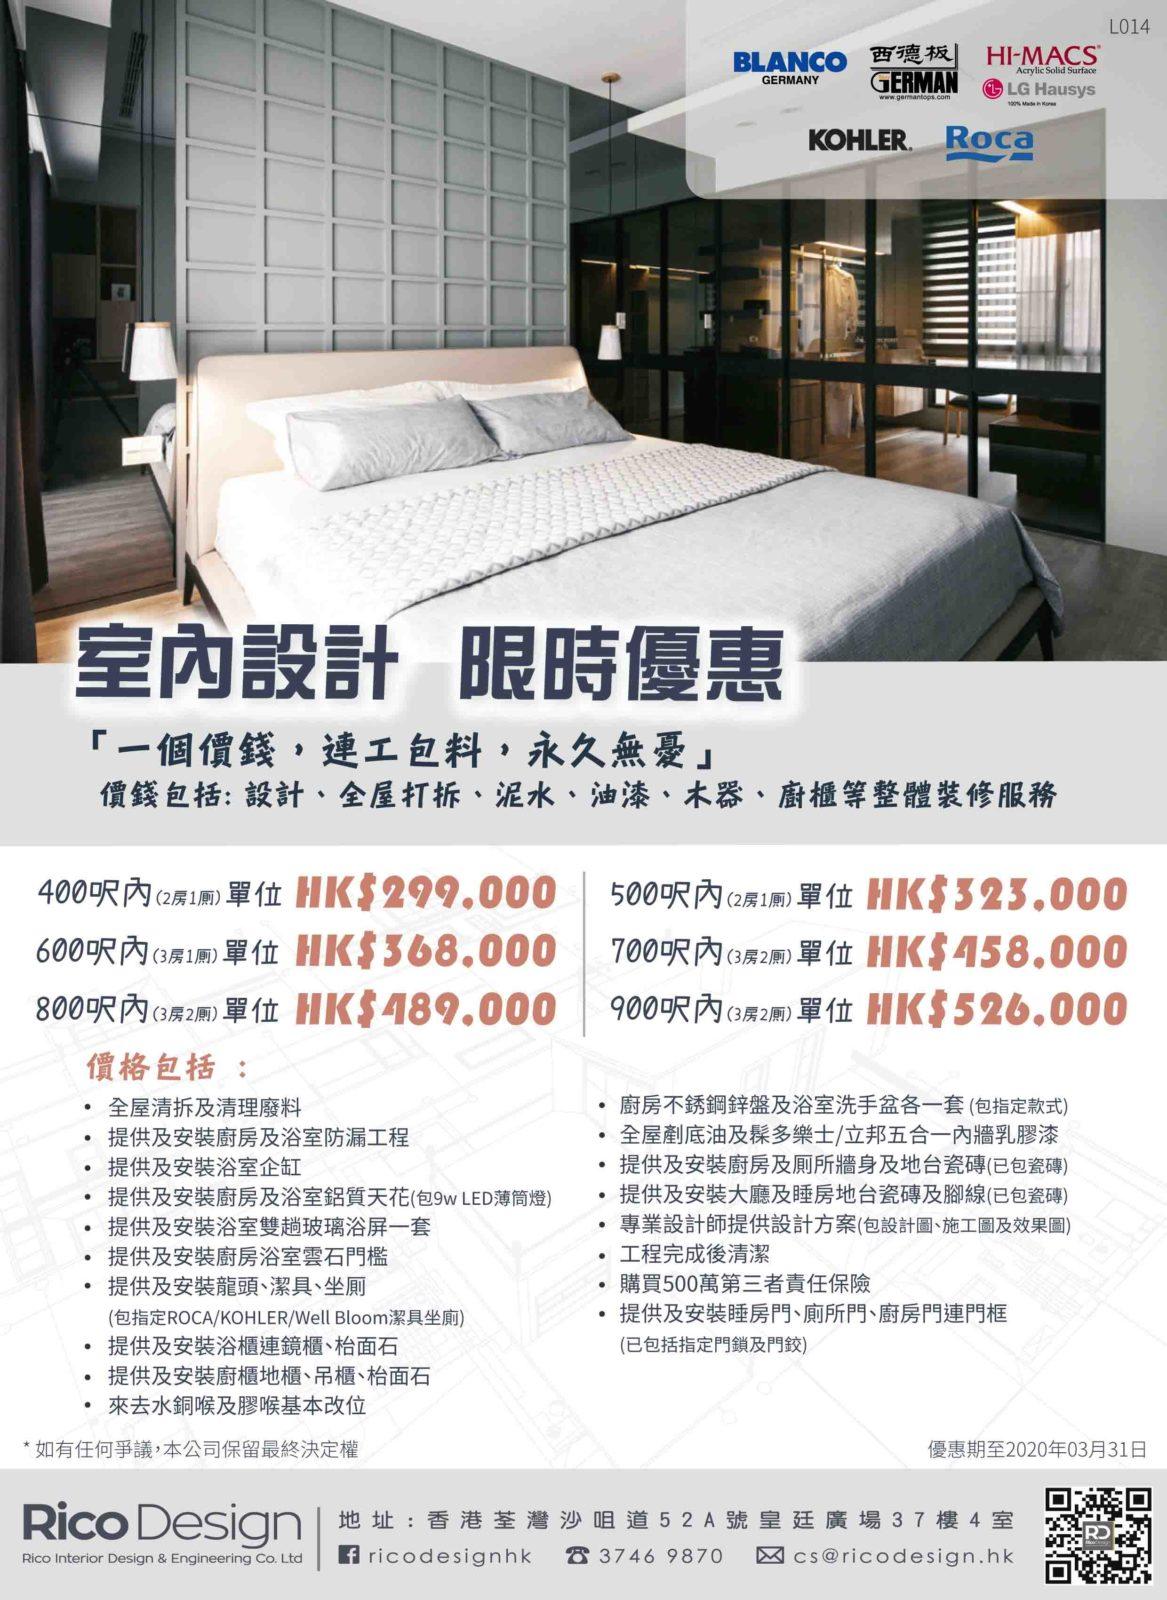 2020-02-01-室內設計全屋套餐-L014-1167×1600